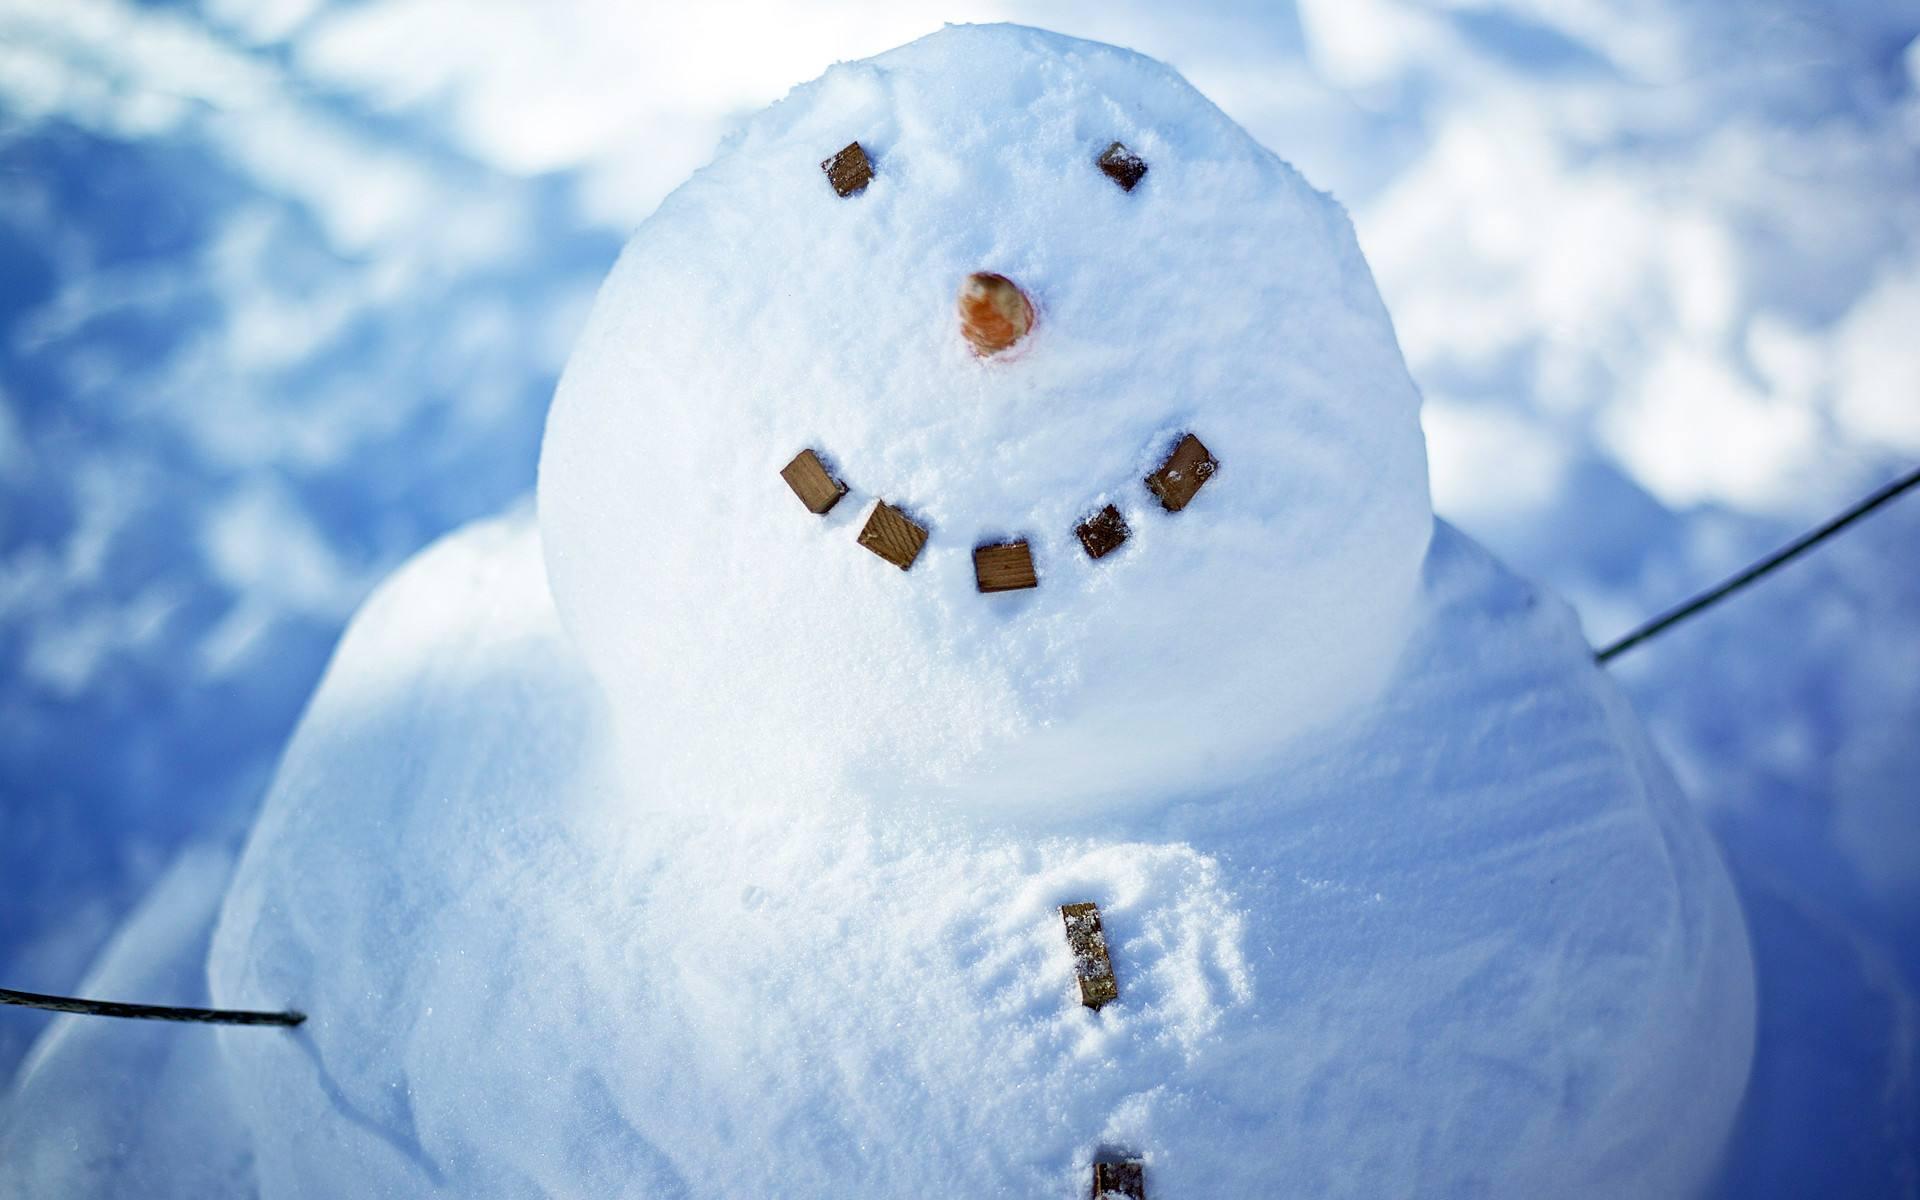 为什么冬季甲醛危害更大?冬季室内空气检测注意事项